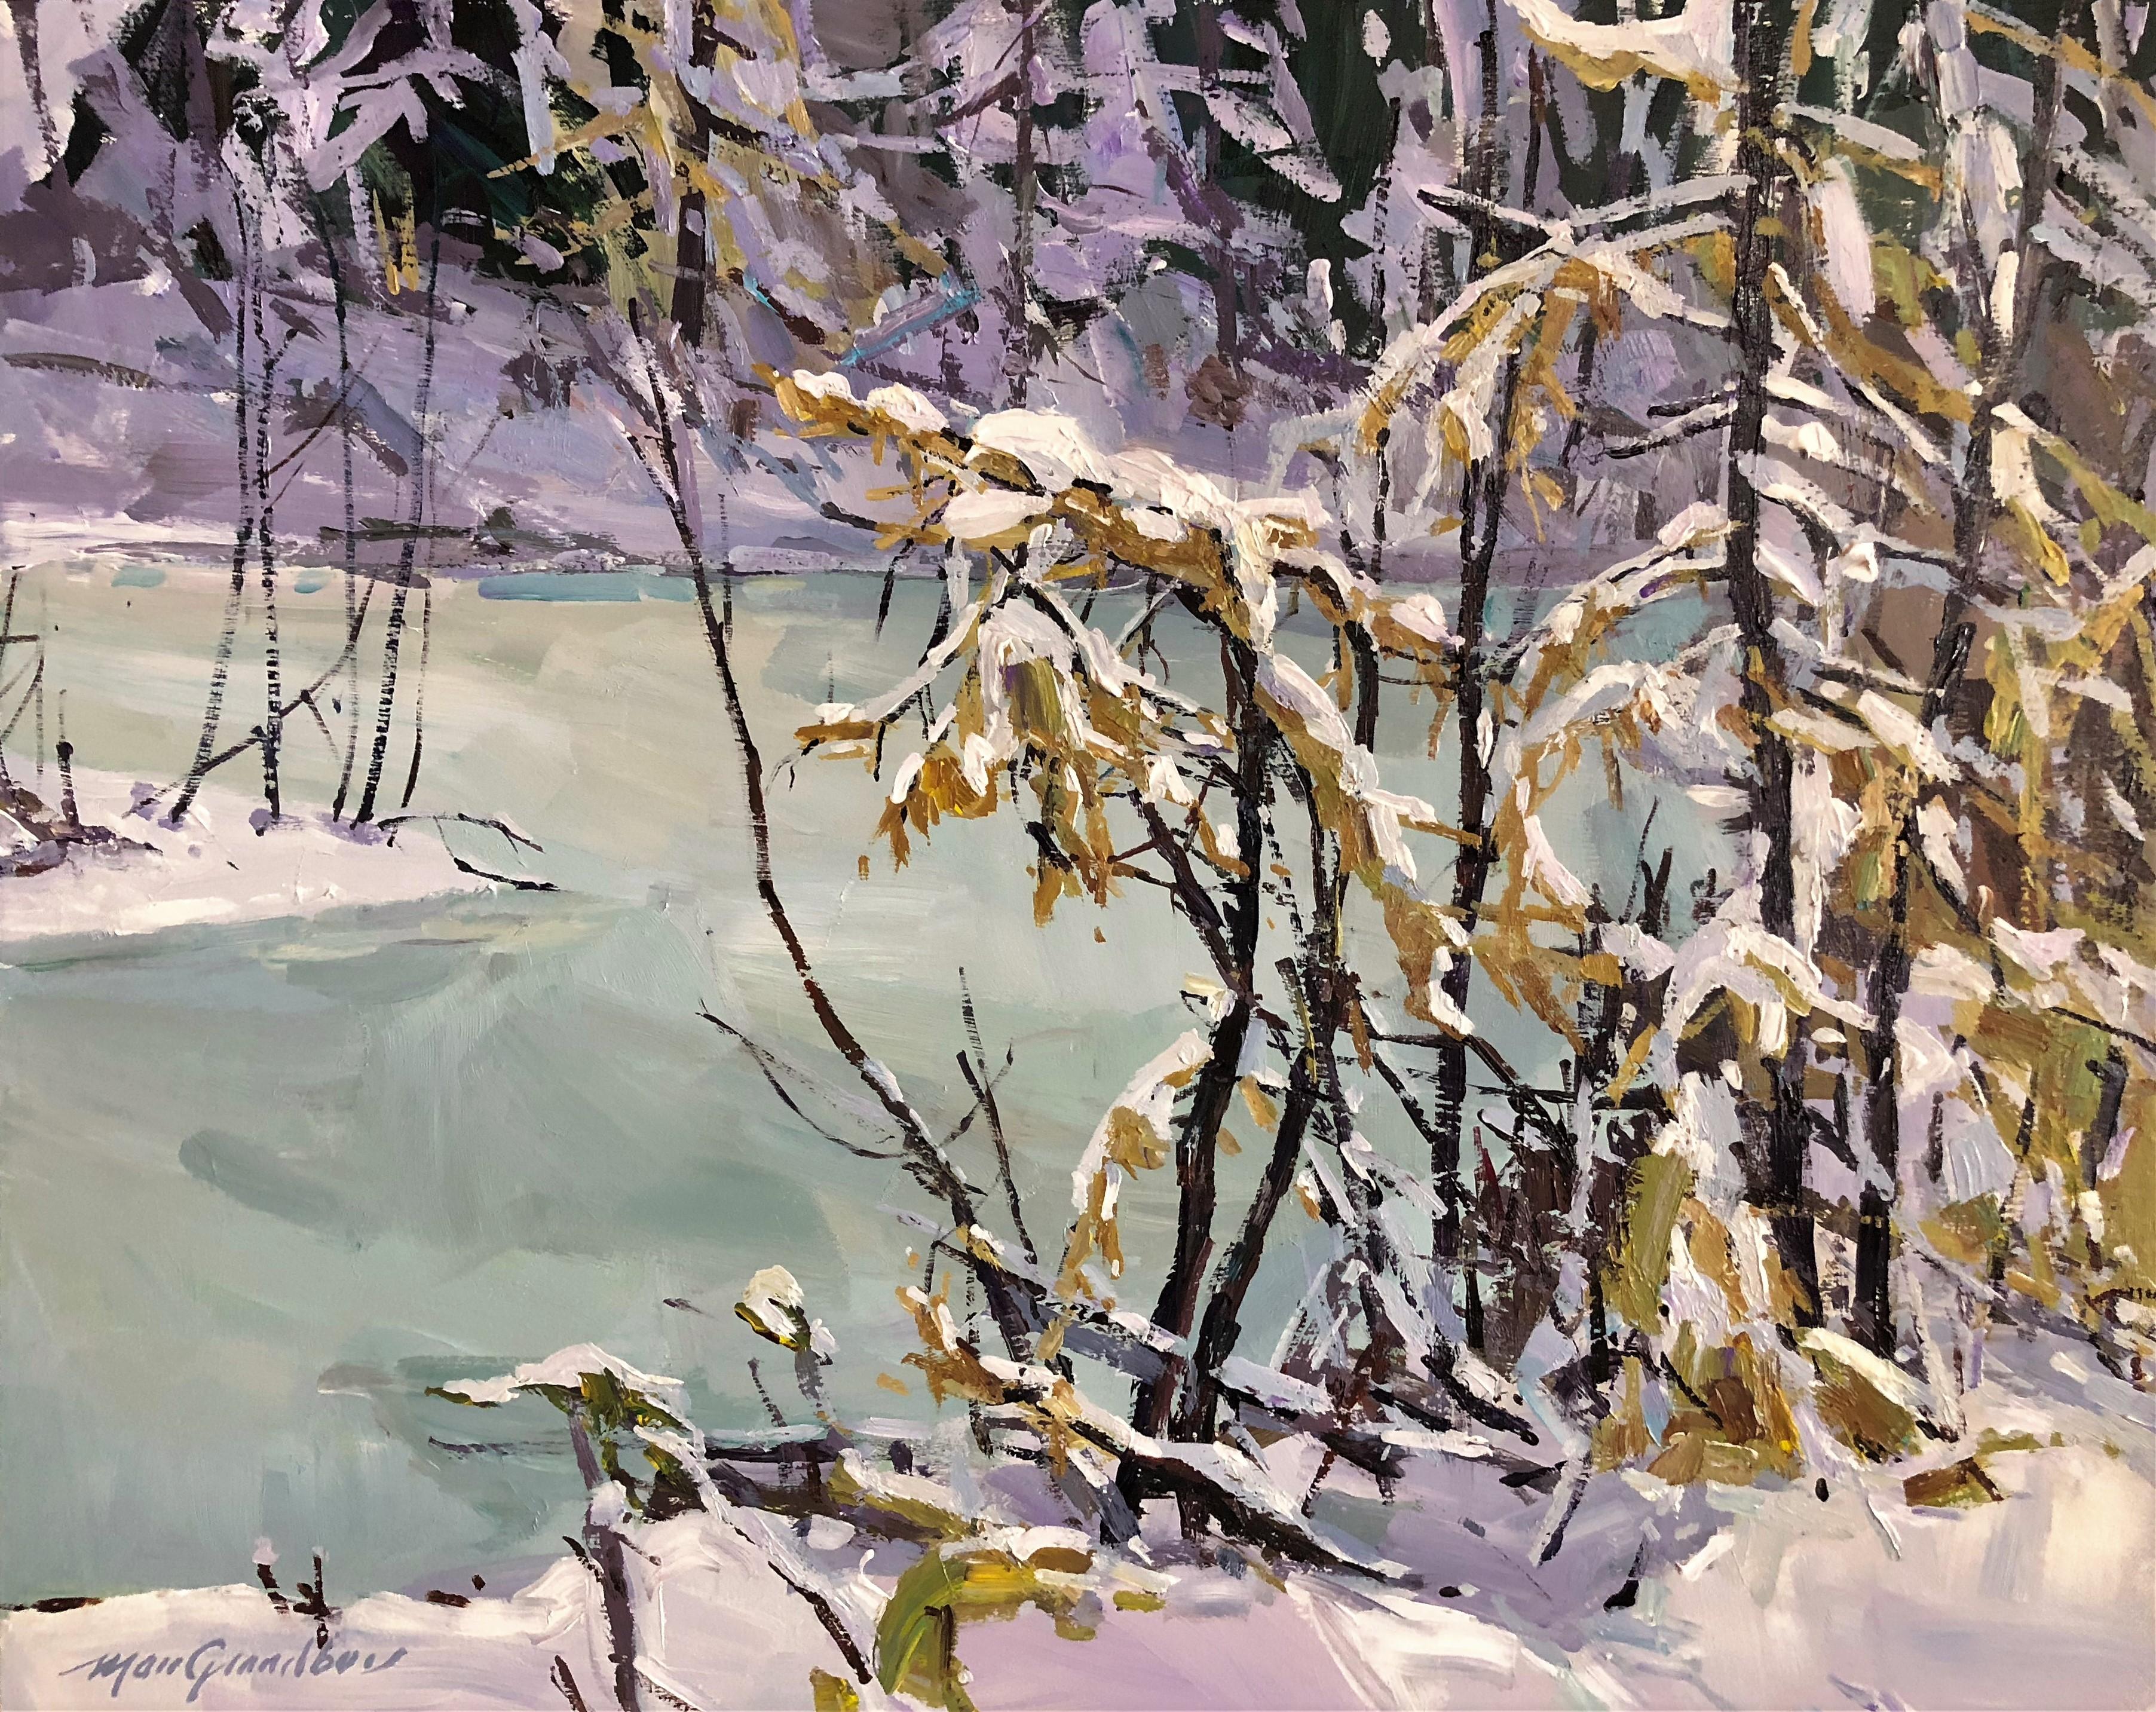 Neige fondante neige pesante neige f